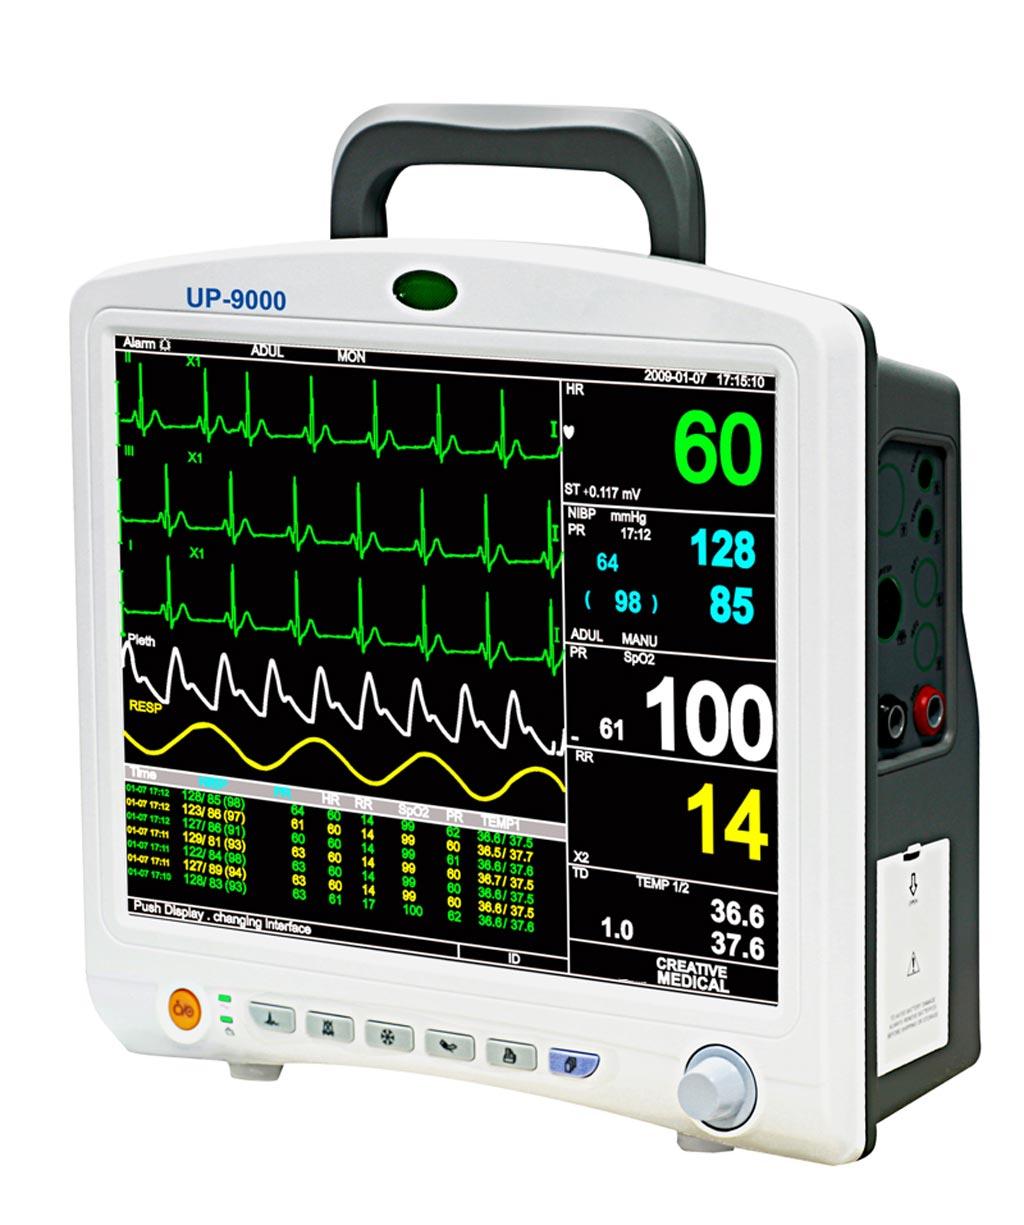 Ожидается, что к концу 2028 года мировой рынок многопараметрического мониторинга пациентов достигнет 6 миллиардов долларов США (фото любезно предоставлено CMI Health).